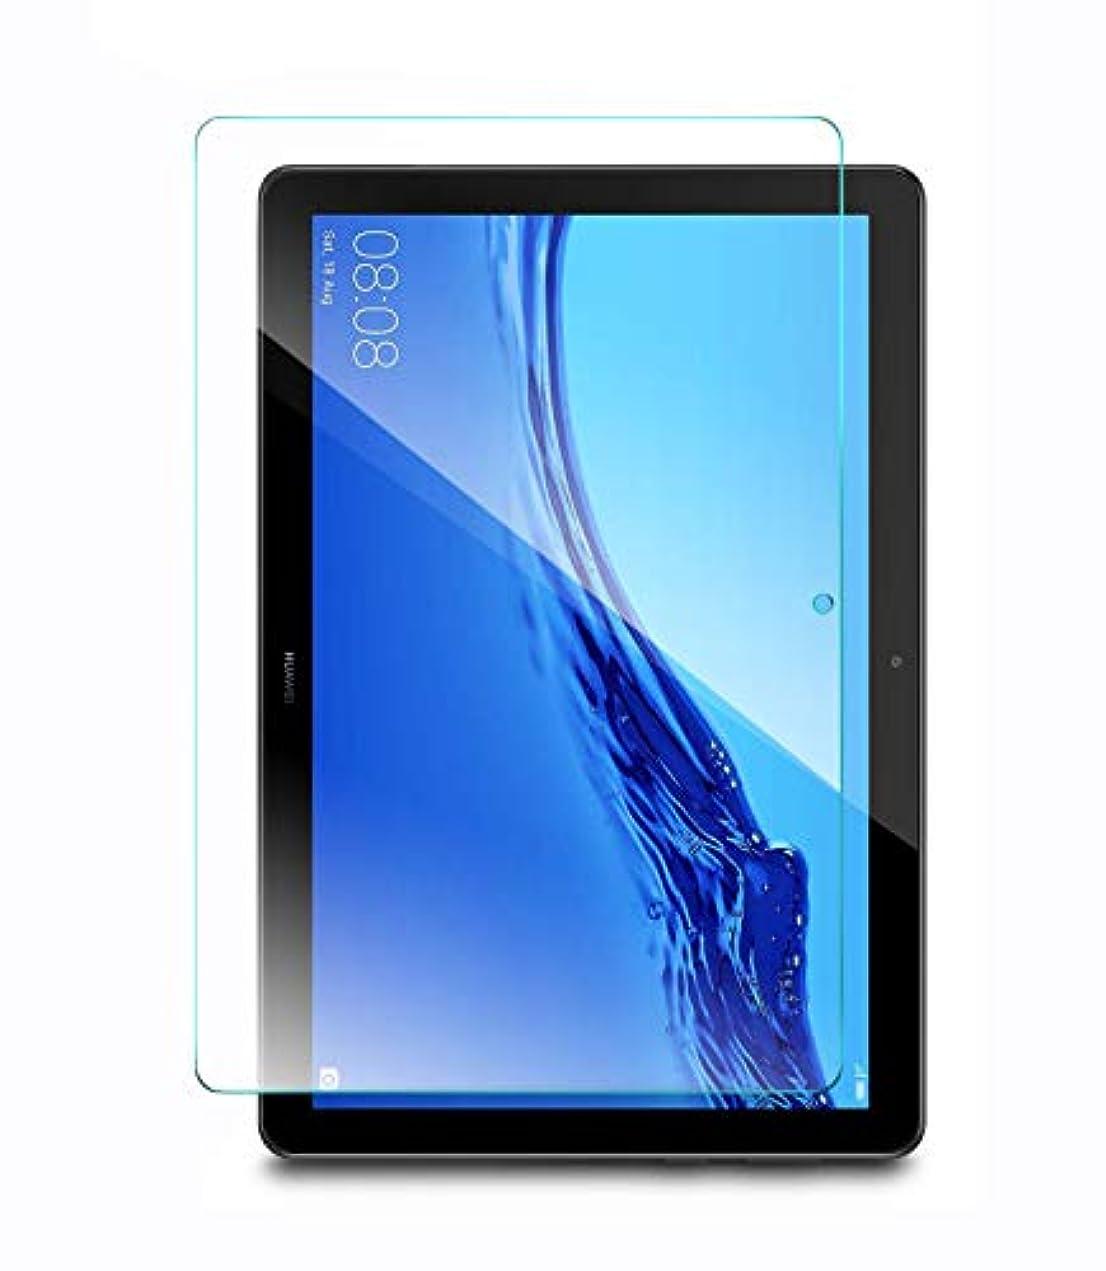 仲間邪魔どうしたのMiitech Huawei MediaPad T5 10 フィルム ガラスフィルム タブレット 耐指紋 撥油性 硬度9H 高透過率 光沢表面 画面保護 Huawei MediaPad T5 10 保護フィルム